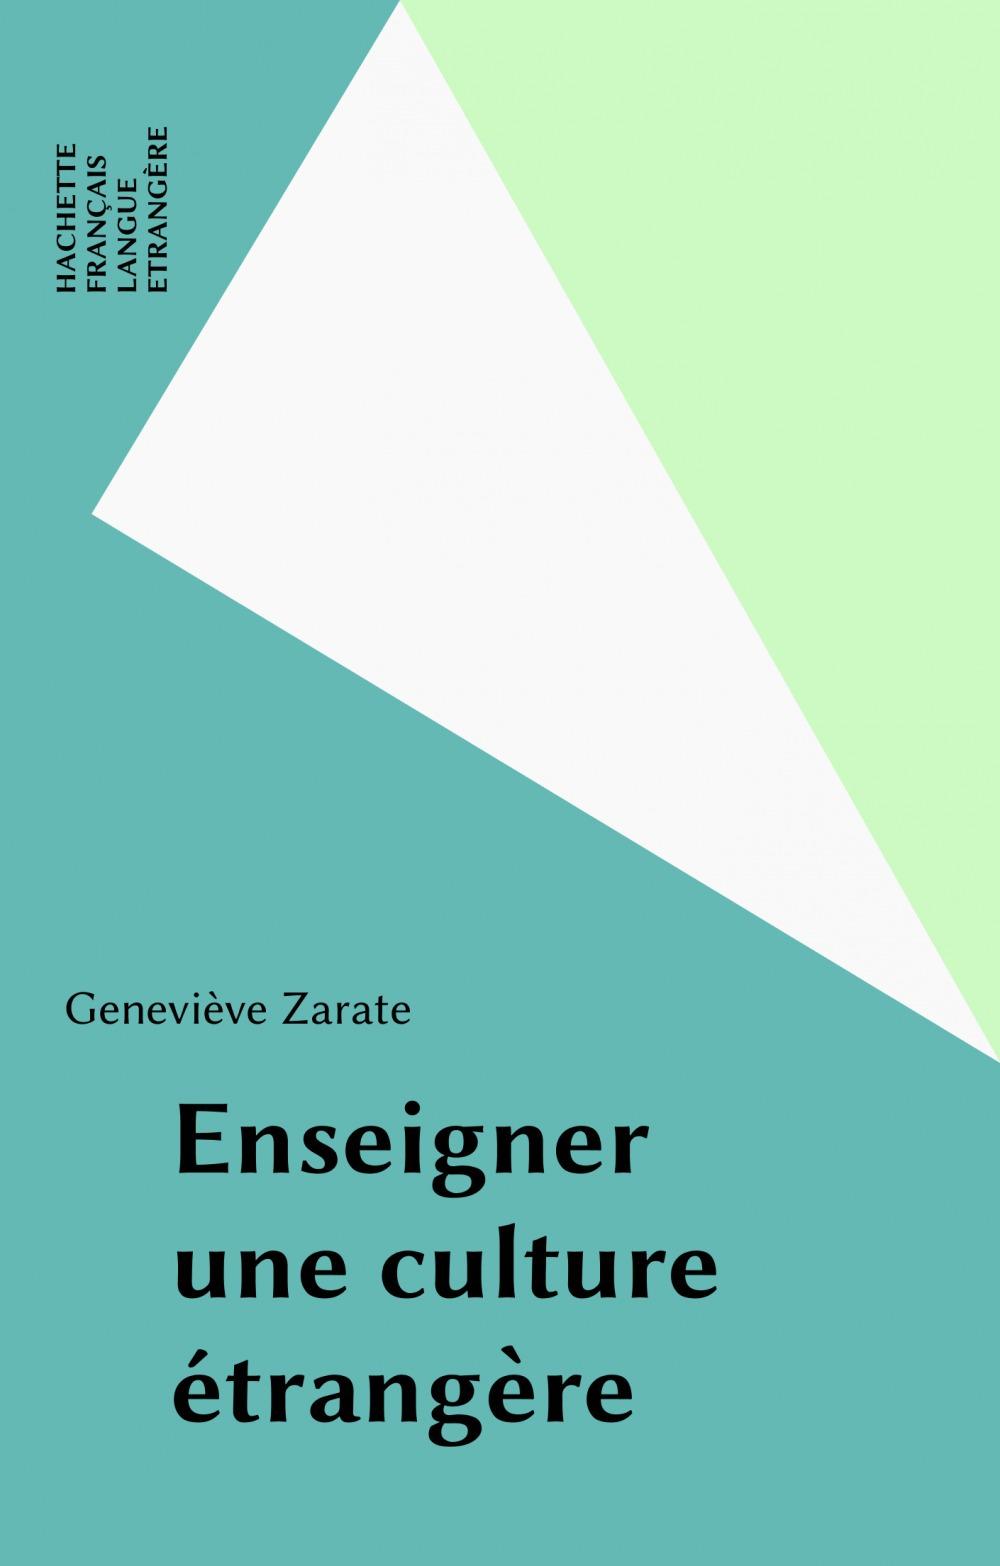 Enseigner une culture etrangere